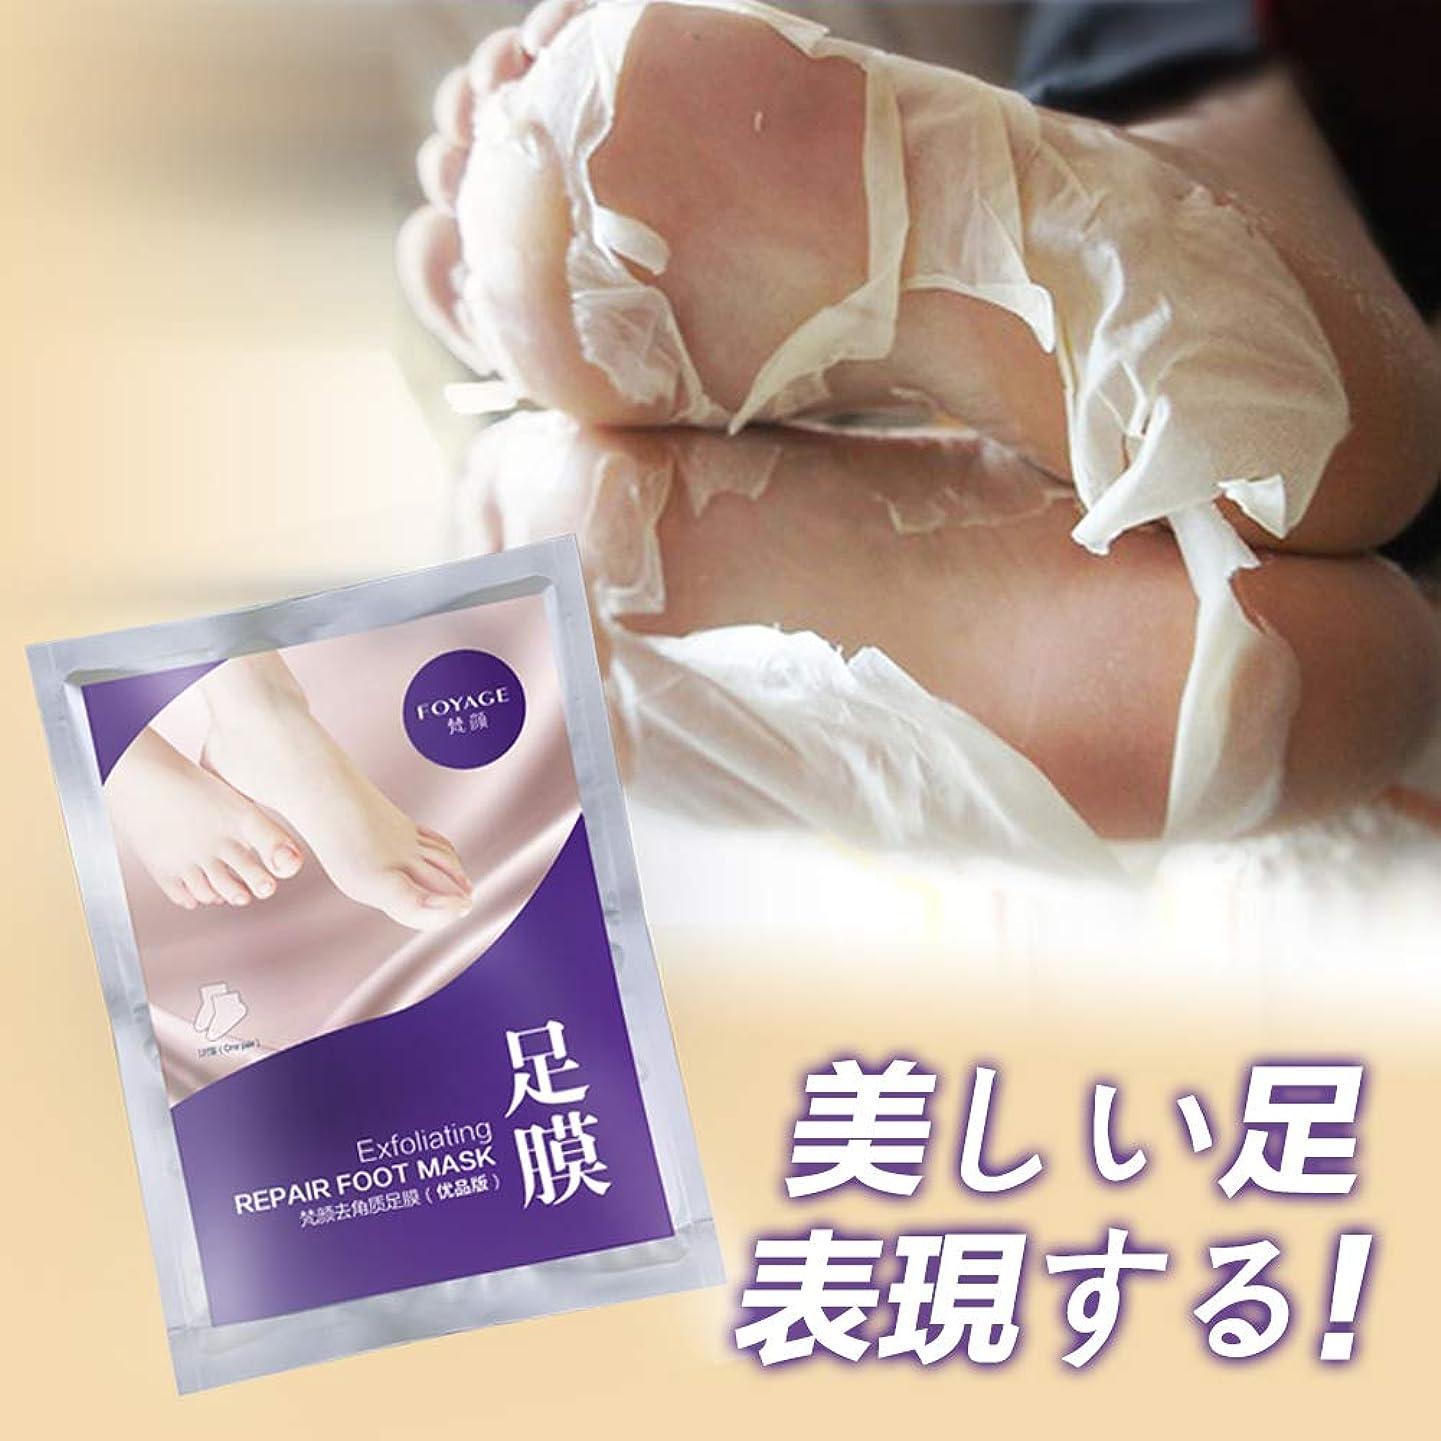 アマチュアオリエントまたねFOYAGE 角質ごと皮を取り除く足パック2袋40ml入り(4足セット)7日間で足の皮が生まれ変わり刺激もなく、一度で効果がみられます